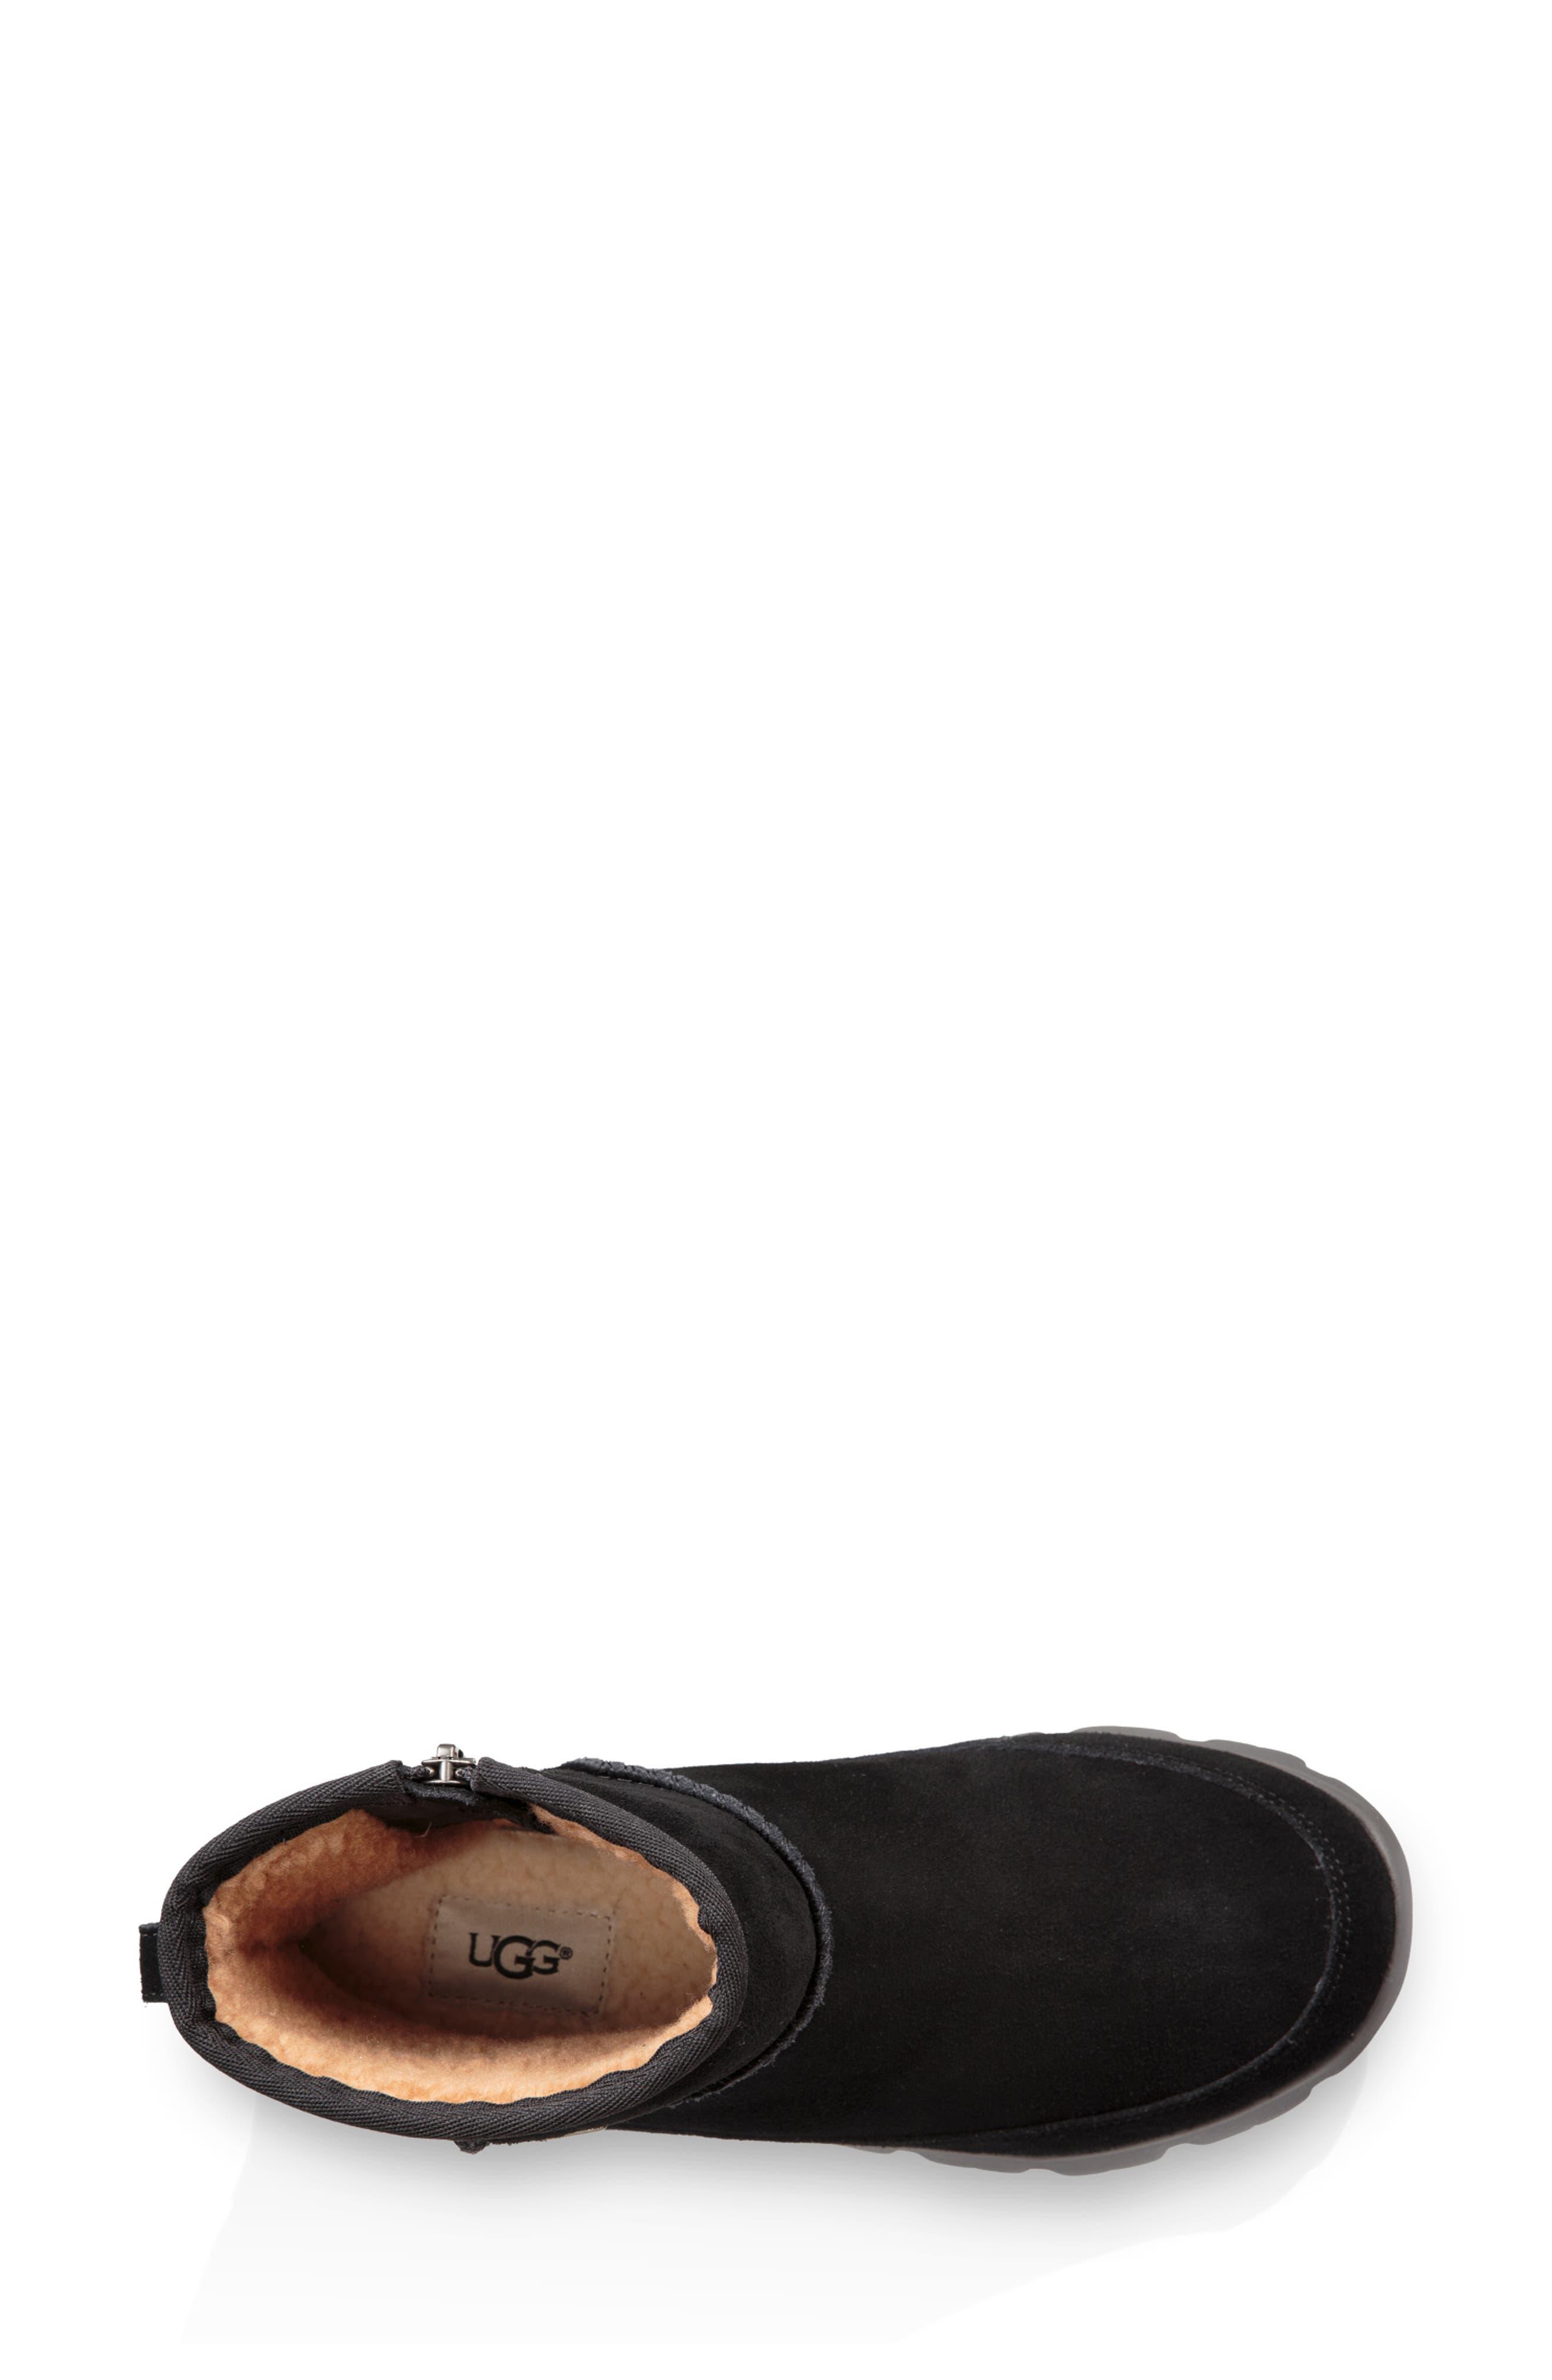 Palomar Waterproof Sneaker Bootie,                             Alternate thumbnail 4, color,                             BLACK/ CHARCOAL SUEDE